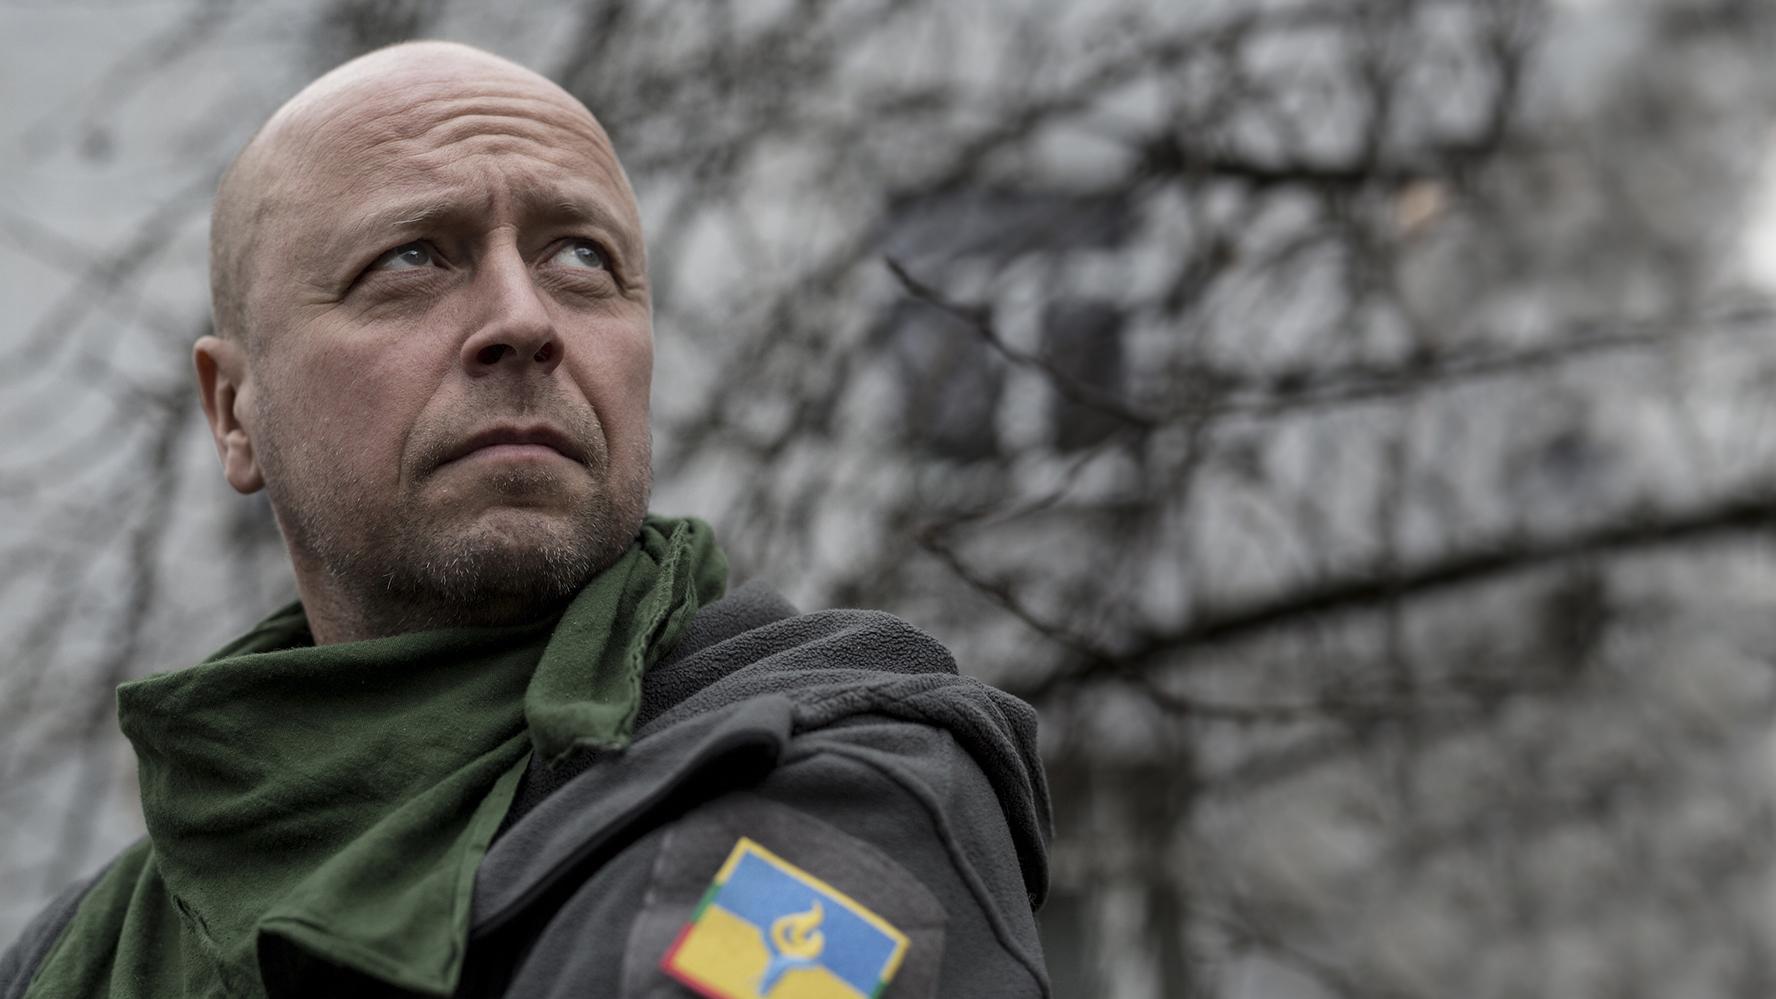 Йонас Охман помогает украинской армии с начала гибридной войны